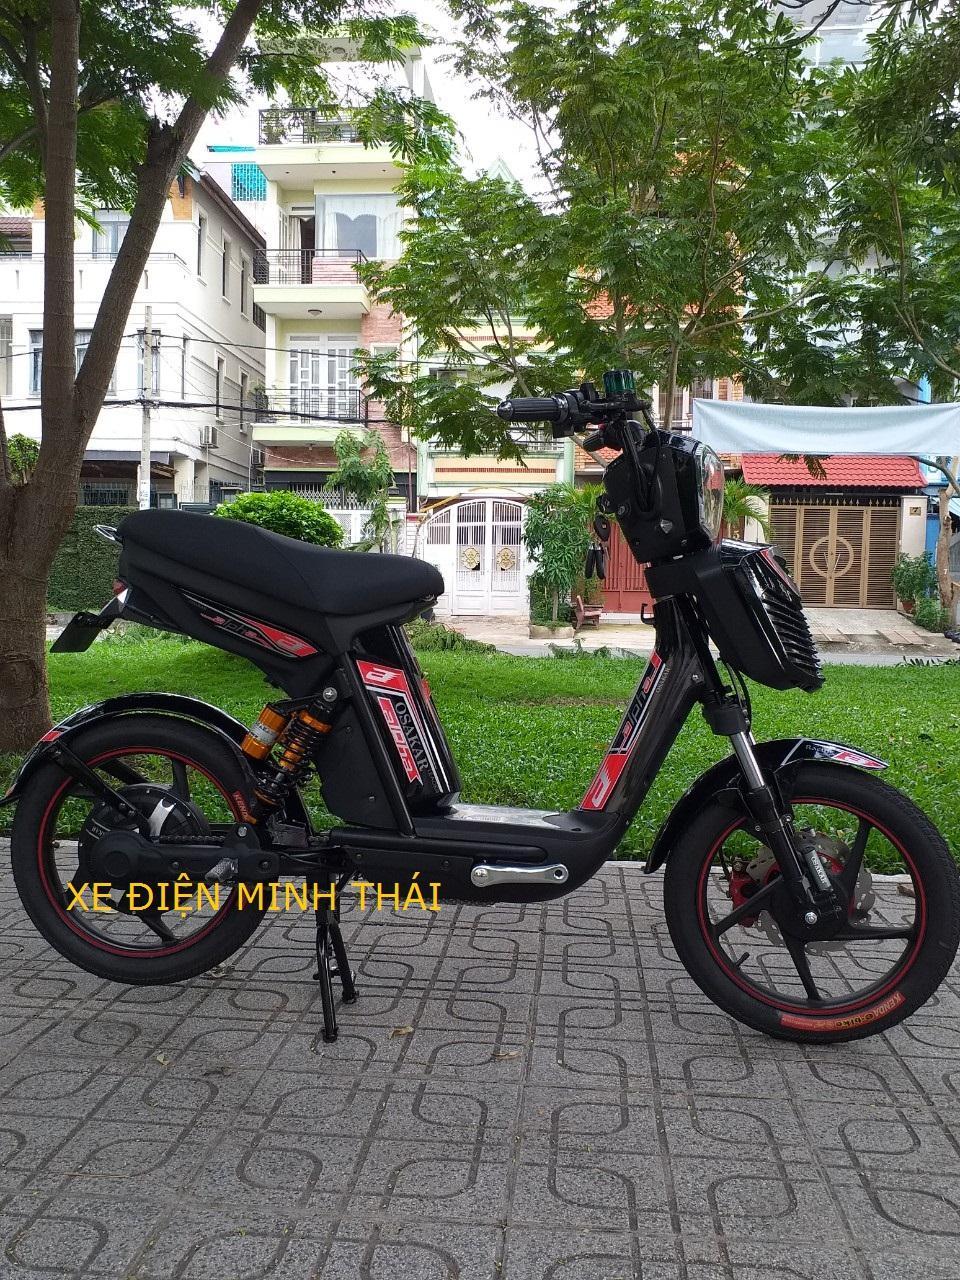 Mua xe đạp điện osakar mẫu anpha- không phí vận sài gòn- xe điện osakar anpha- xe đạp điện osakar- capA